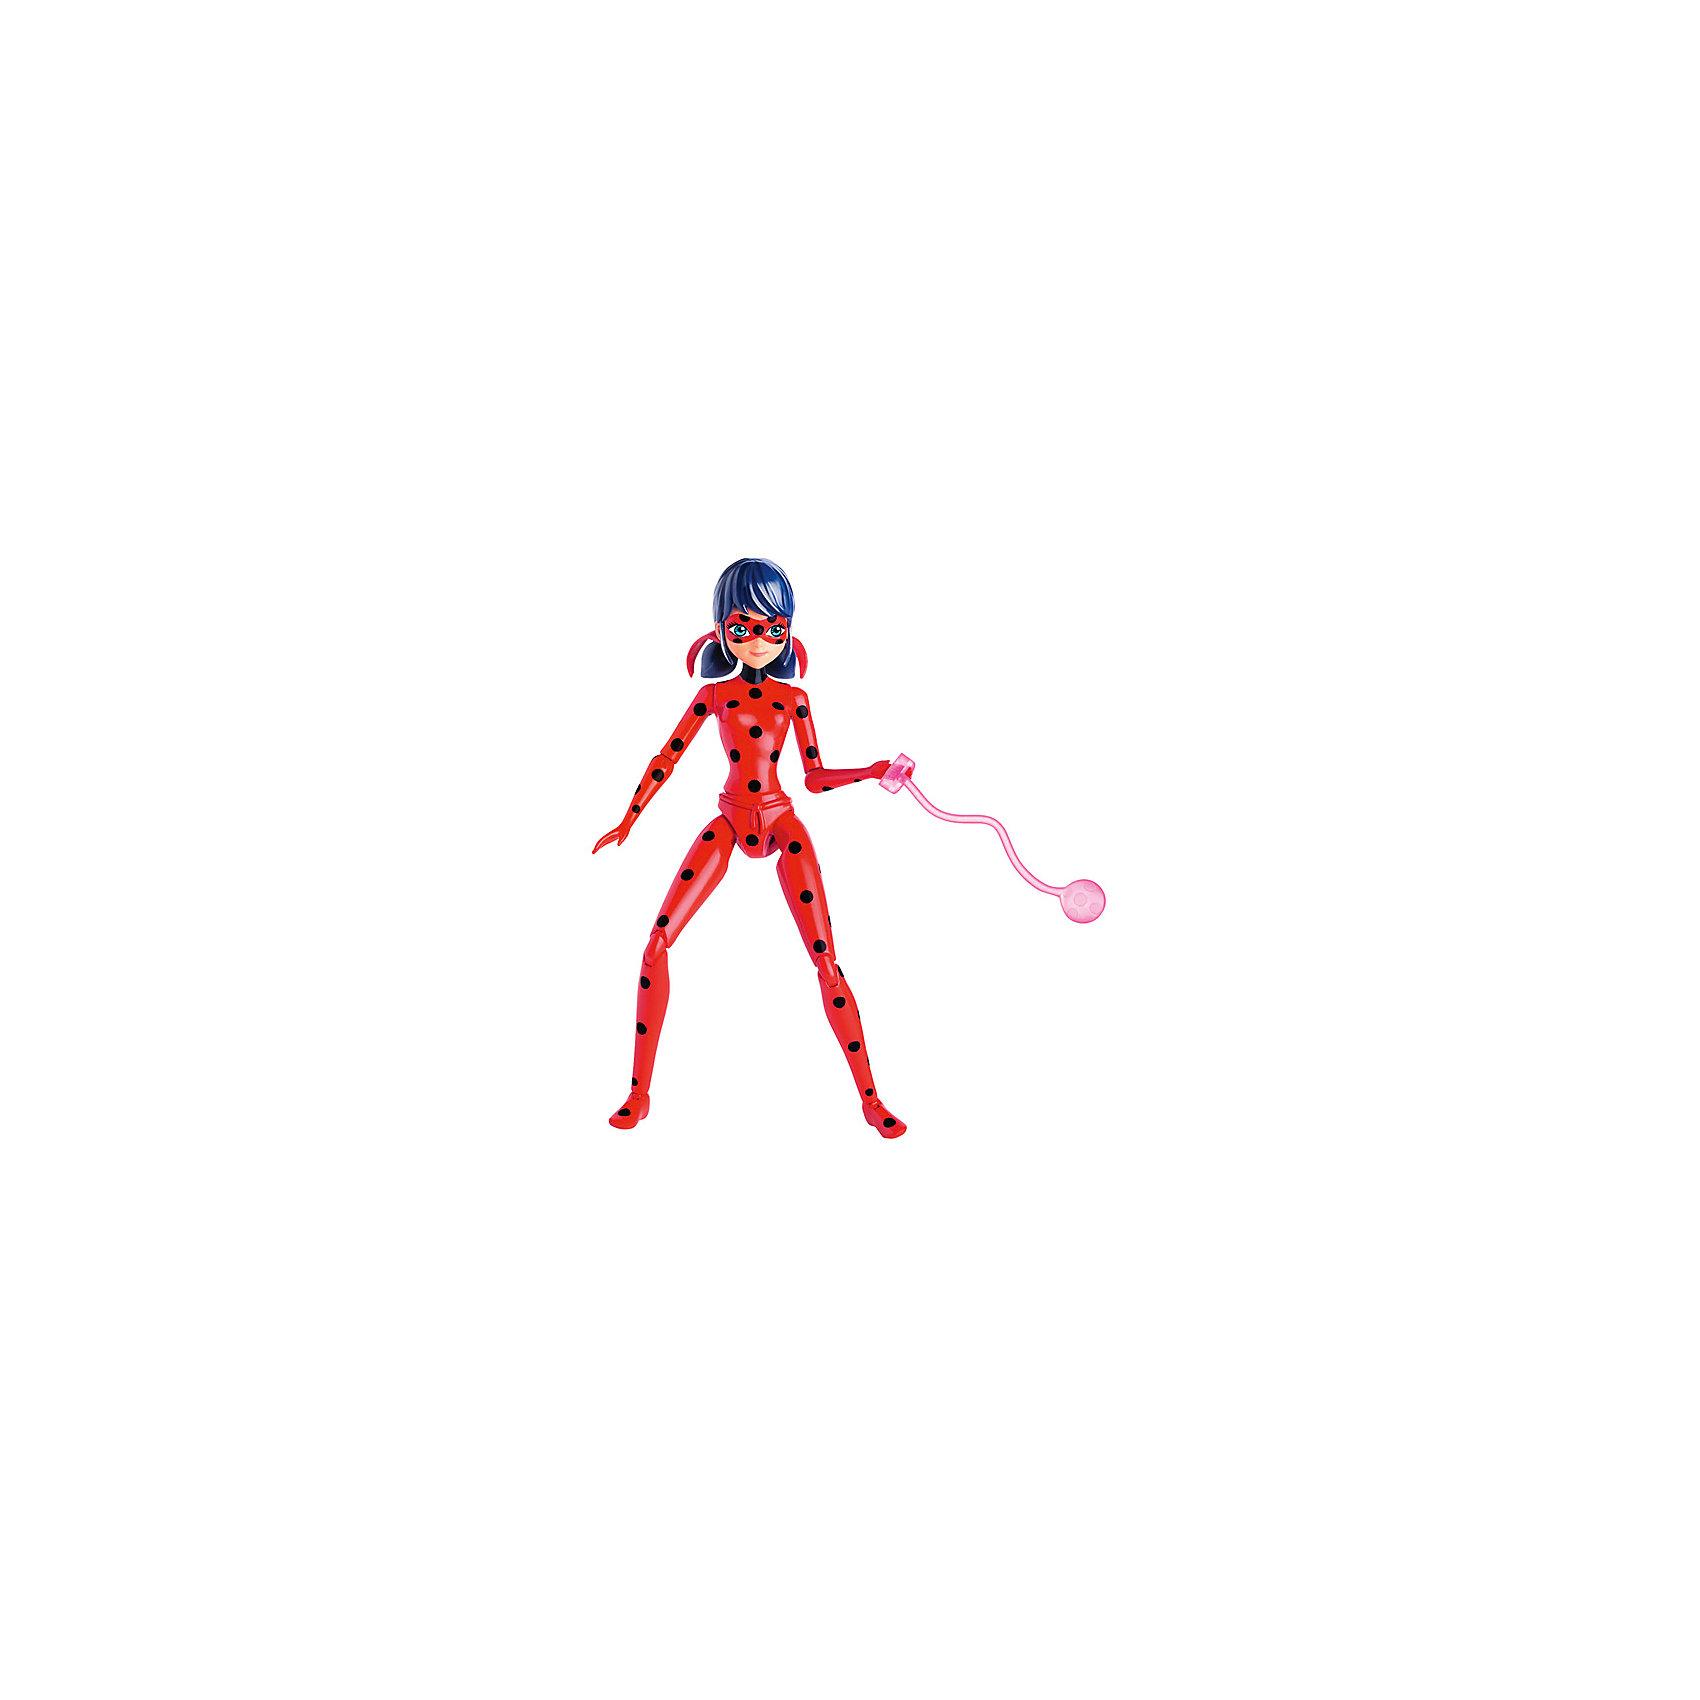 Фигурка Леди Баг в красном, 13 см, Леди Баг и Супер-КотЛеди Баг и Супер-Кот<br>Фигурка Леди Баг в красном, 13 см, Леди Баг и Супер-Кот.<br><br>Характеристики:<br><br>- В наборе: фигурка, 2 аксессуара<br>- Высота фигурки: 13 см.<br>- Материал: пластик<br>- Упаковка: блистер на картоне<br>- Размер упаковки: 16,5 x 25,4 x 5 см.<br><br>Фигурка Леди Баг создана на основе популярного детского мультфильма Леди Баг и Супер-Кот, сюжет которого посвящен приключениям двух юных супергероев в современном Париже. Коллекционная фигурка выполнена в виде героини мультфильма Маринетт Дюпэн-Чэн в образе Леди Баг. Костюм божьей коровки ярко-красного цвета в чёрный горошек, волосы темно синего цвета, собранные в хвостики, маска, частично скрывающая лицо придают фигурке полное сходство со своим экранным прототипом. Выразительно сделаны большие глаза, смотрящие из-под маски. У фигурки 9 точек артикуляции, она может принимать различные позы, благодаря чему можно реалистично имитировать сцены сражений. Дополнительные аксессуары – два вида оружия, крепящихся в руке, помогут еще больше разнообразить игру.<br><br>Фигурку Леди Баг в красном, 13 см, Леди Баг и Супер-Кот купить в нашем интернет-магазине.<br><br>Ширина мм: 51<br>Глубина мм: 254<br>Высота мм: 165<br>Вес г: 172<br>Возраст от месяцев: 48<br>Возраст до месяцев: 2147483647<br>Пол: Женский<br>Возраст: Детский<br>SKU: 5156894